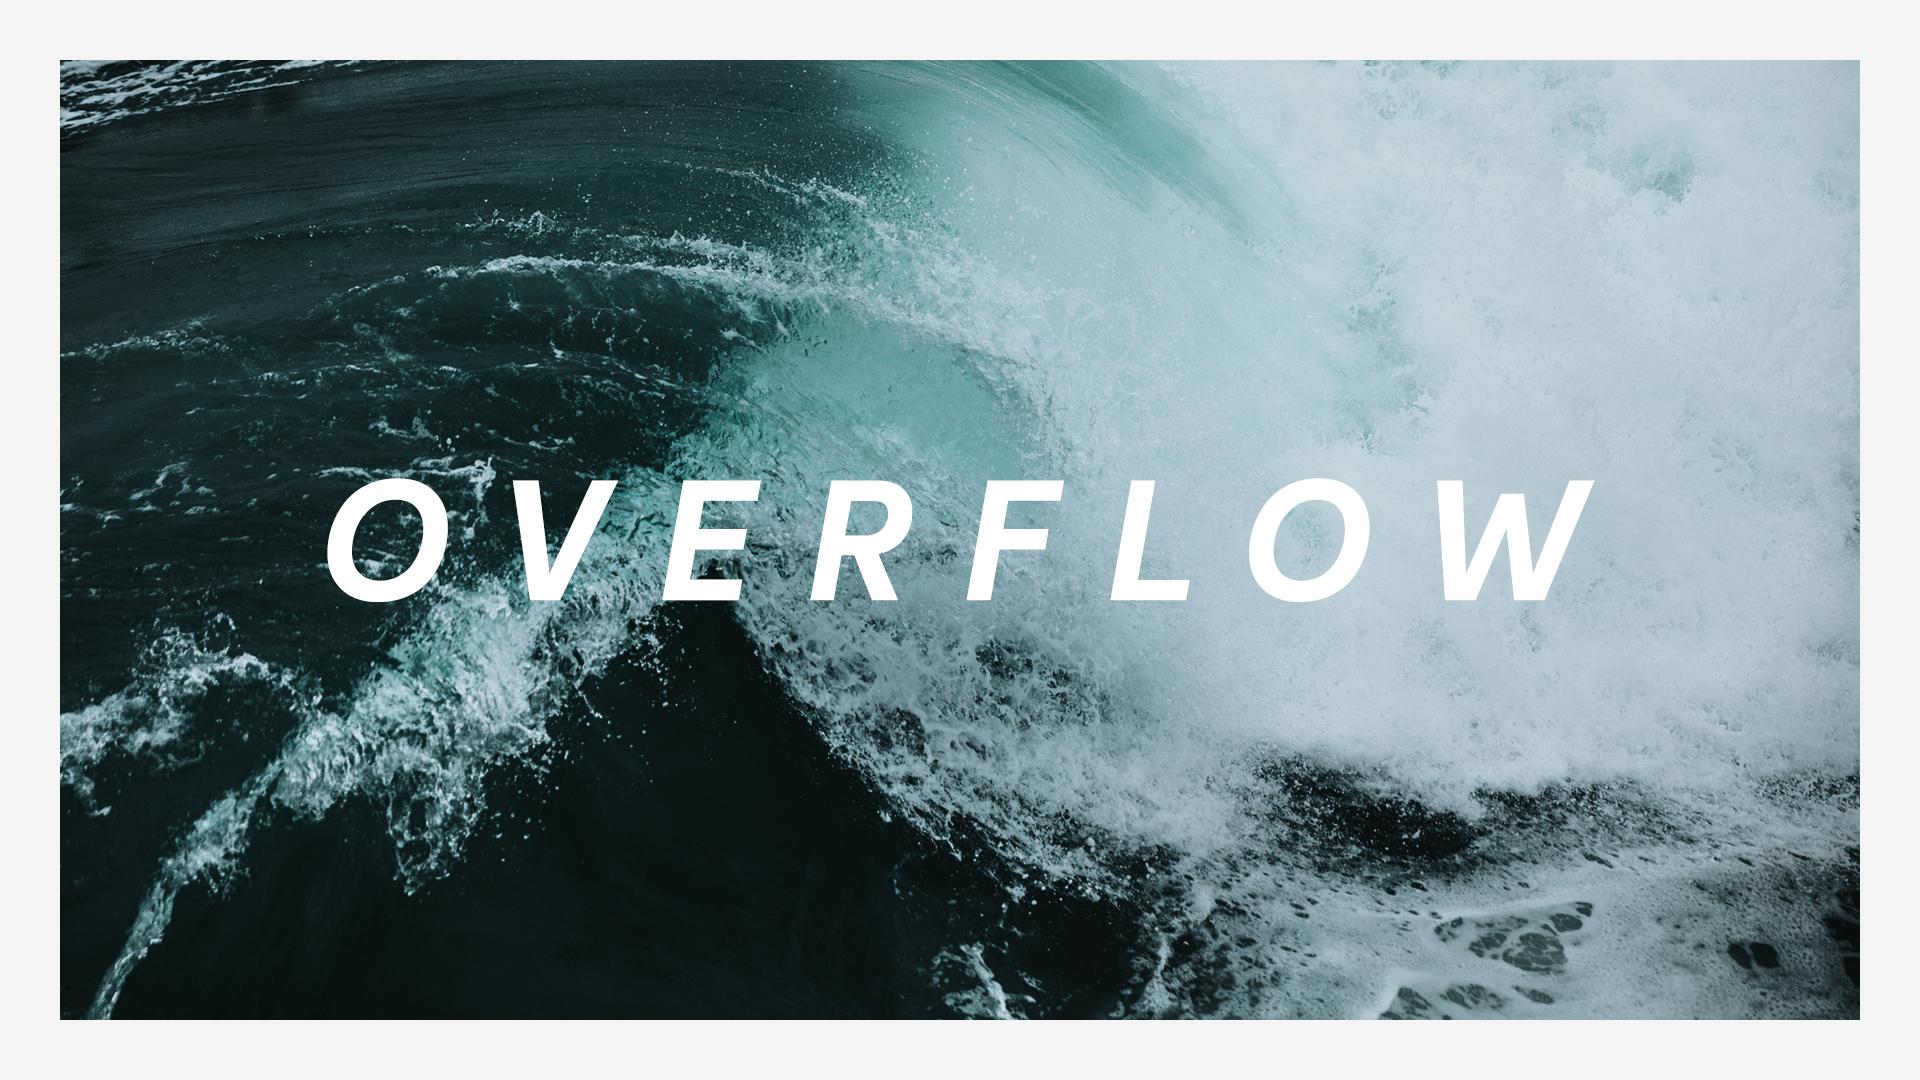 Overflow v2.png